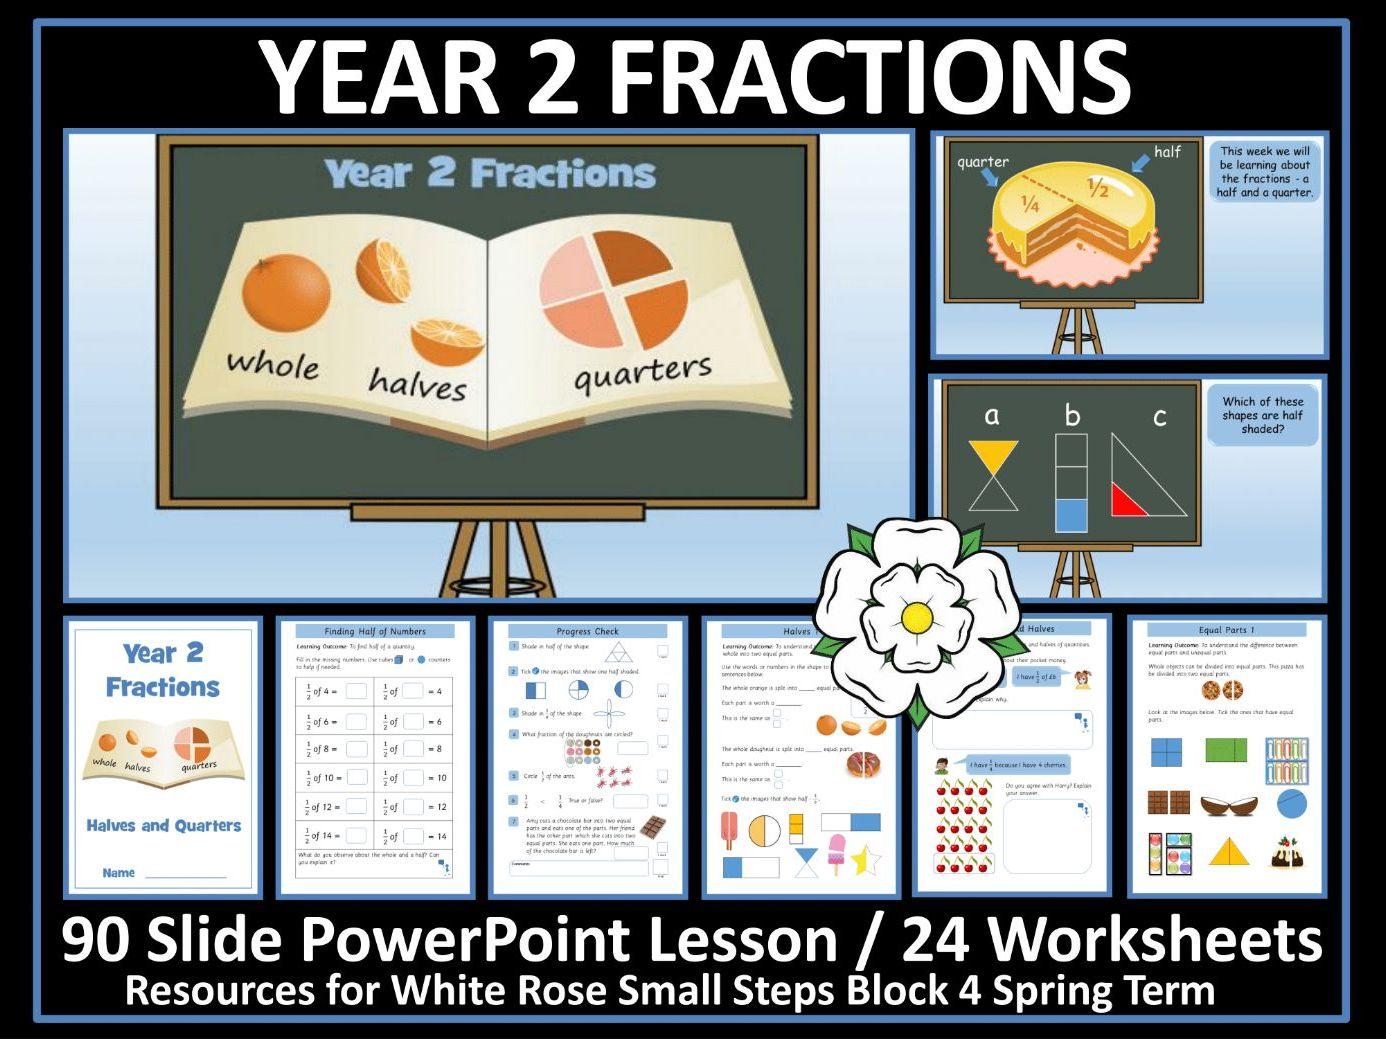 Fractions Worksheet Halves And Quarters